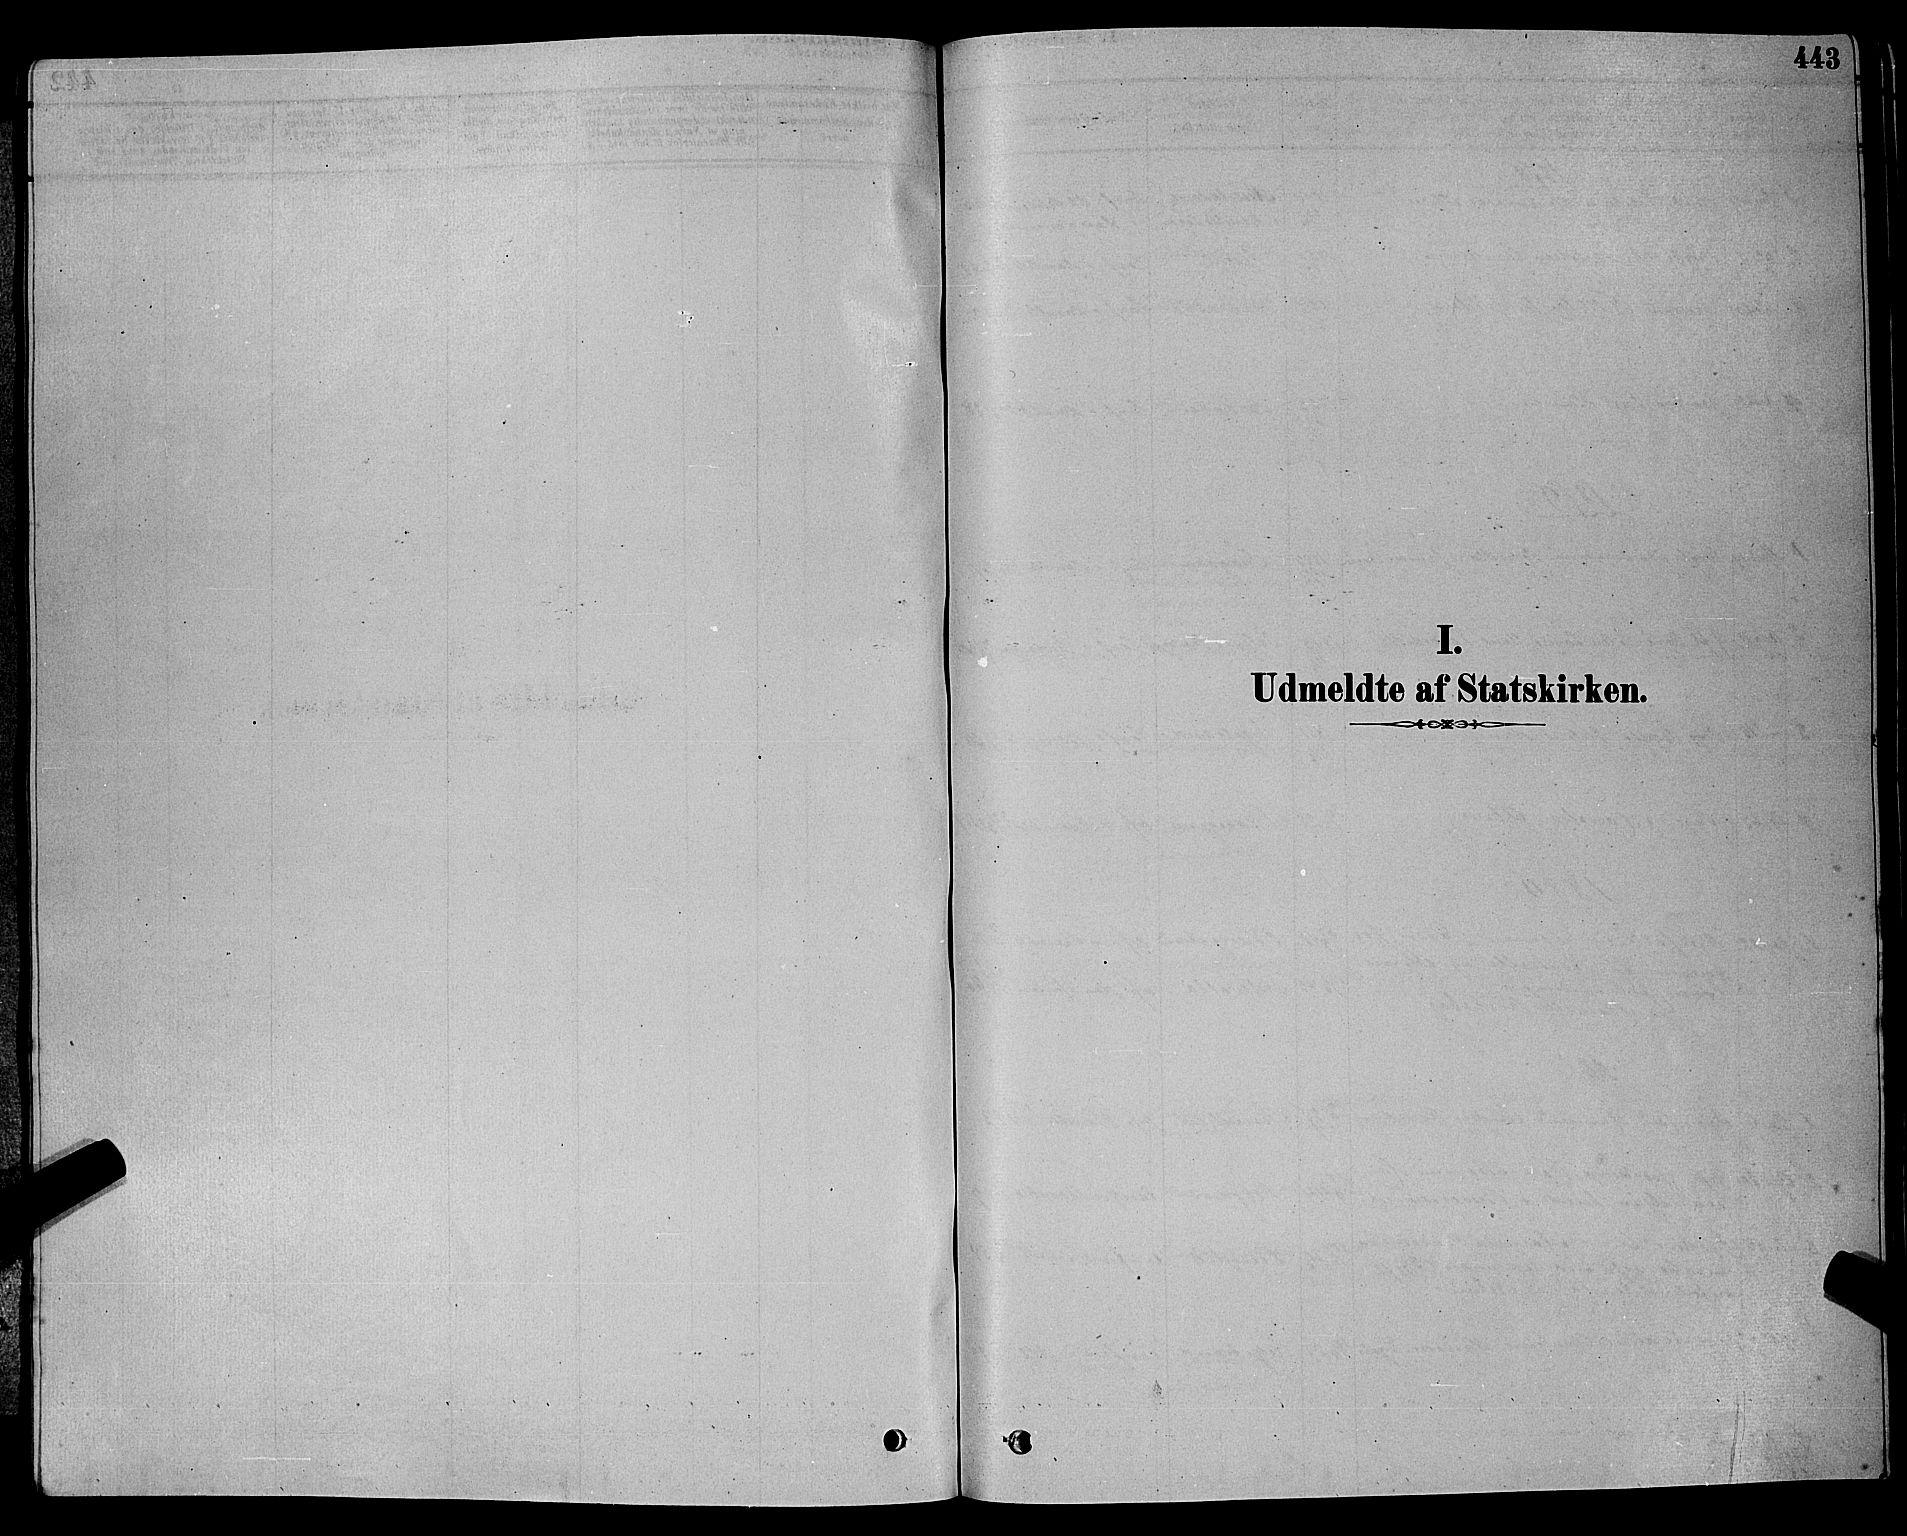 SAKO, Bamble kirkebøker, G/Ga/L0008: Klokkerbok nr. I 8, 1878-1888, s. 443